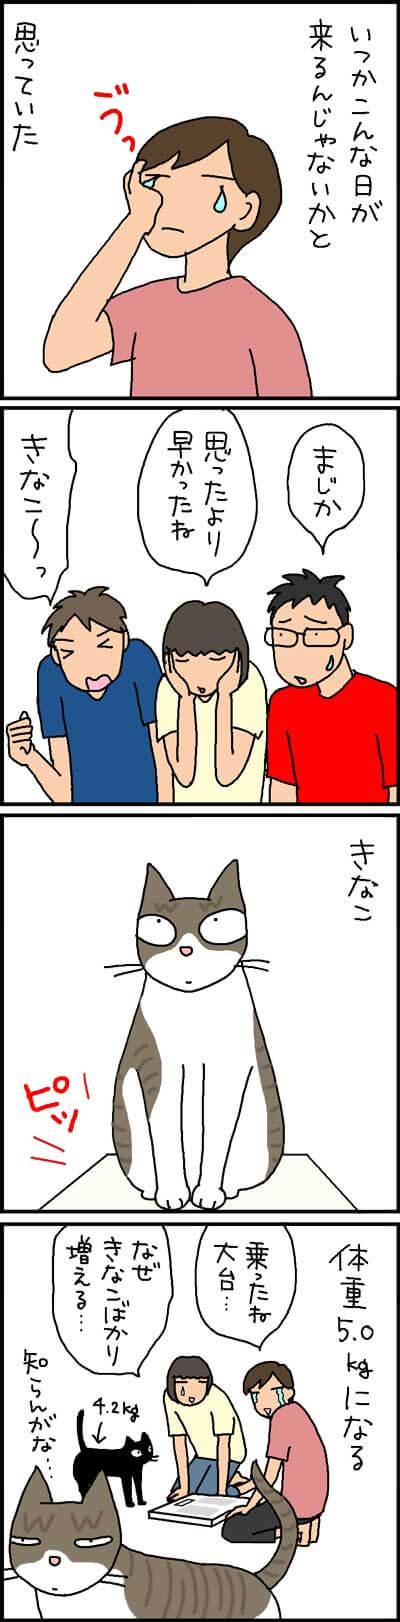 太りつつある猫の4コマ猫漫画